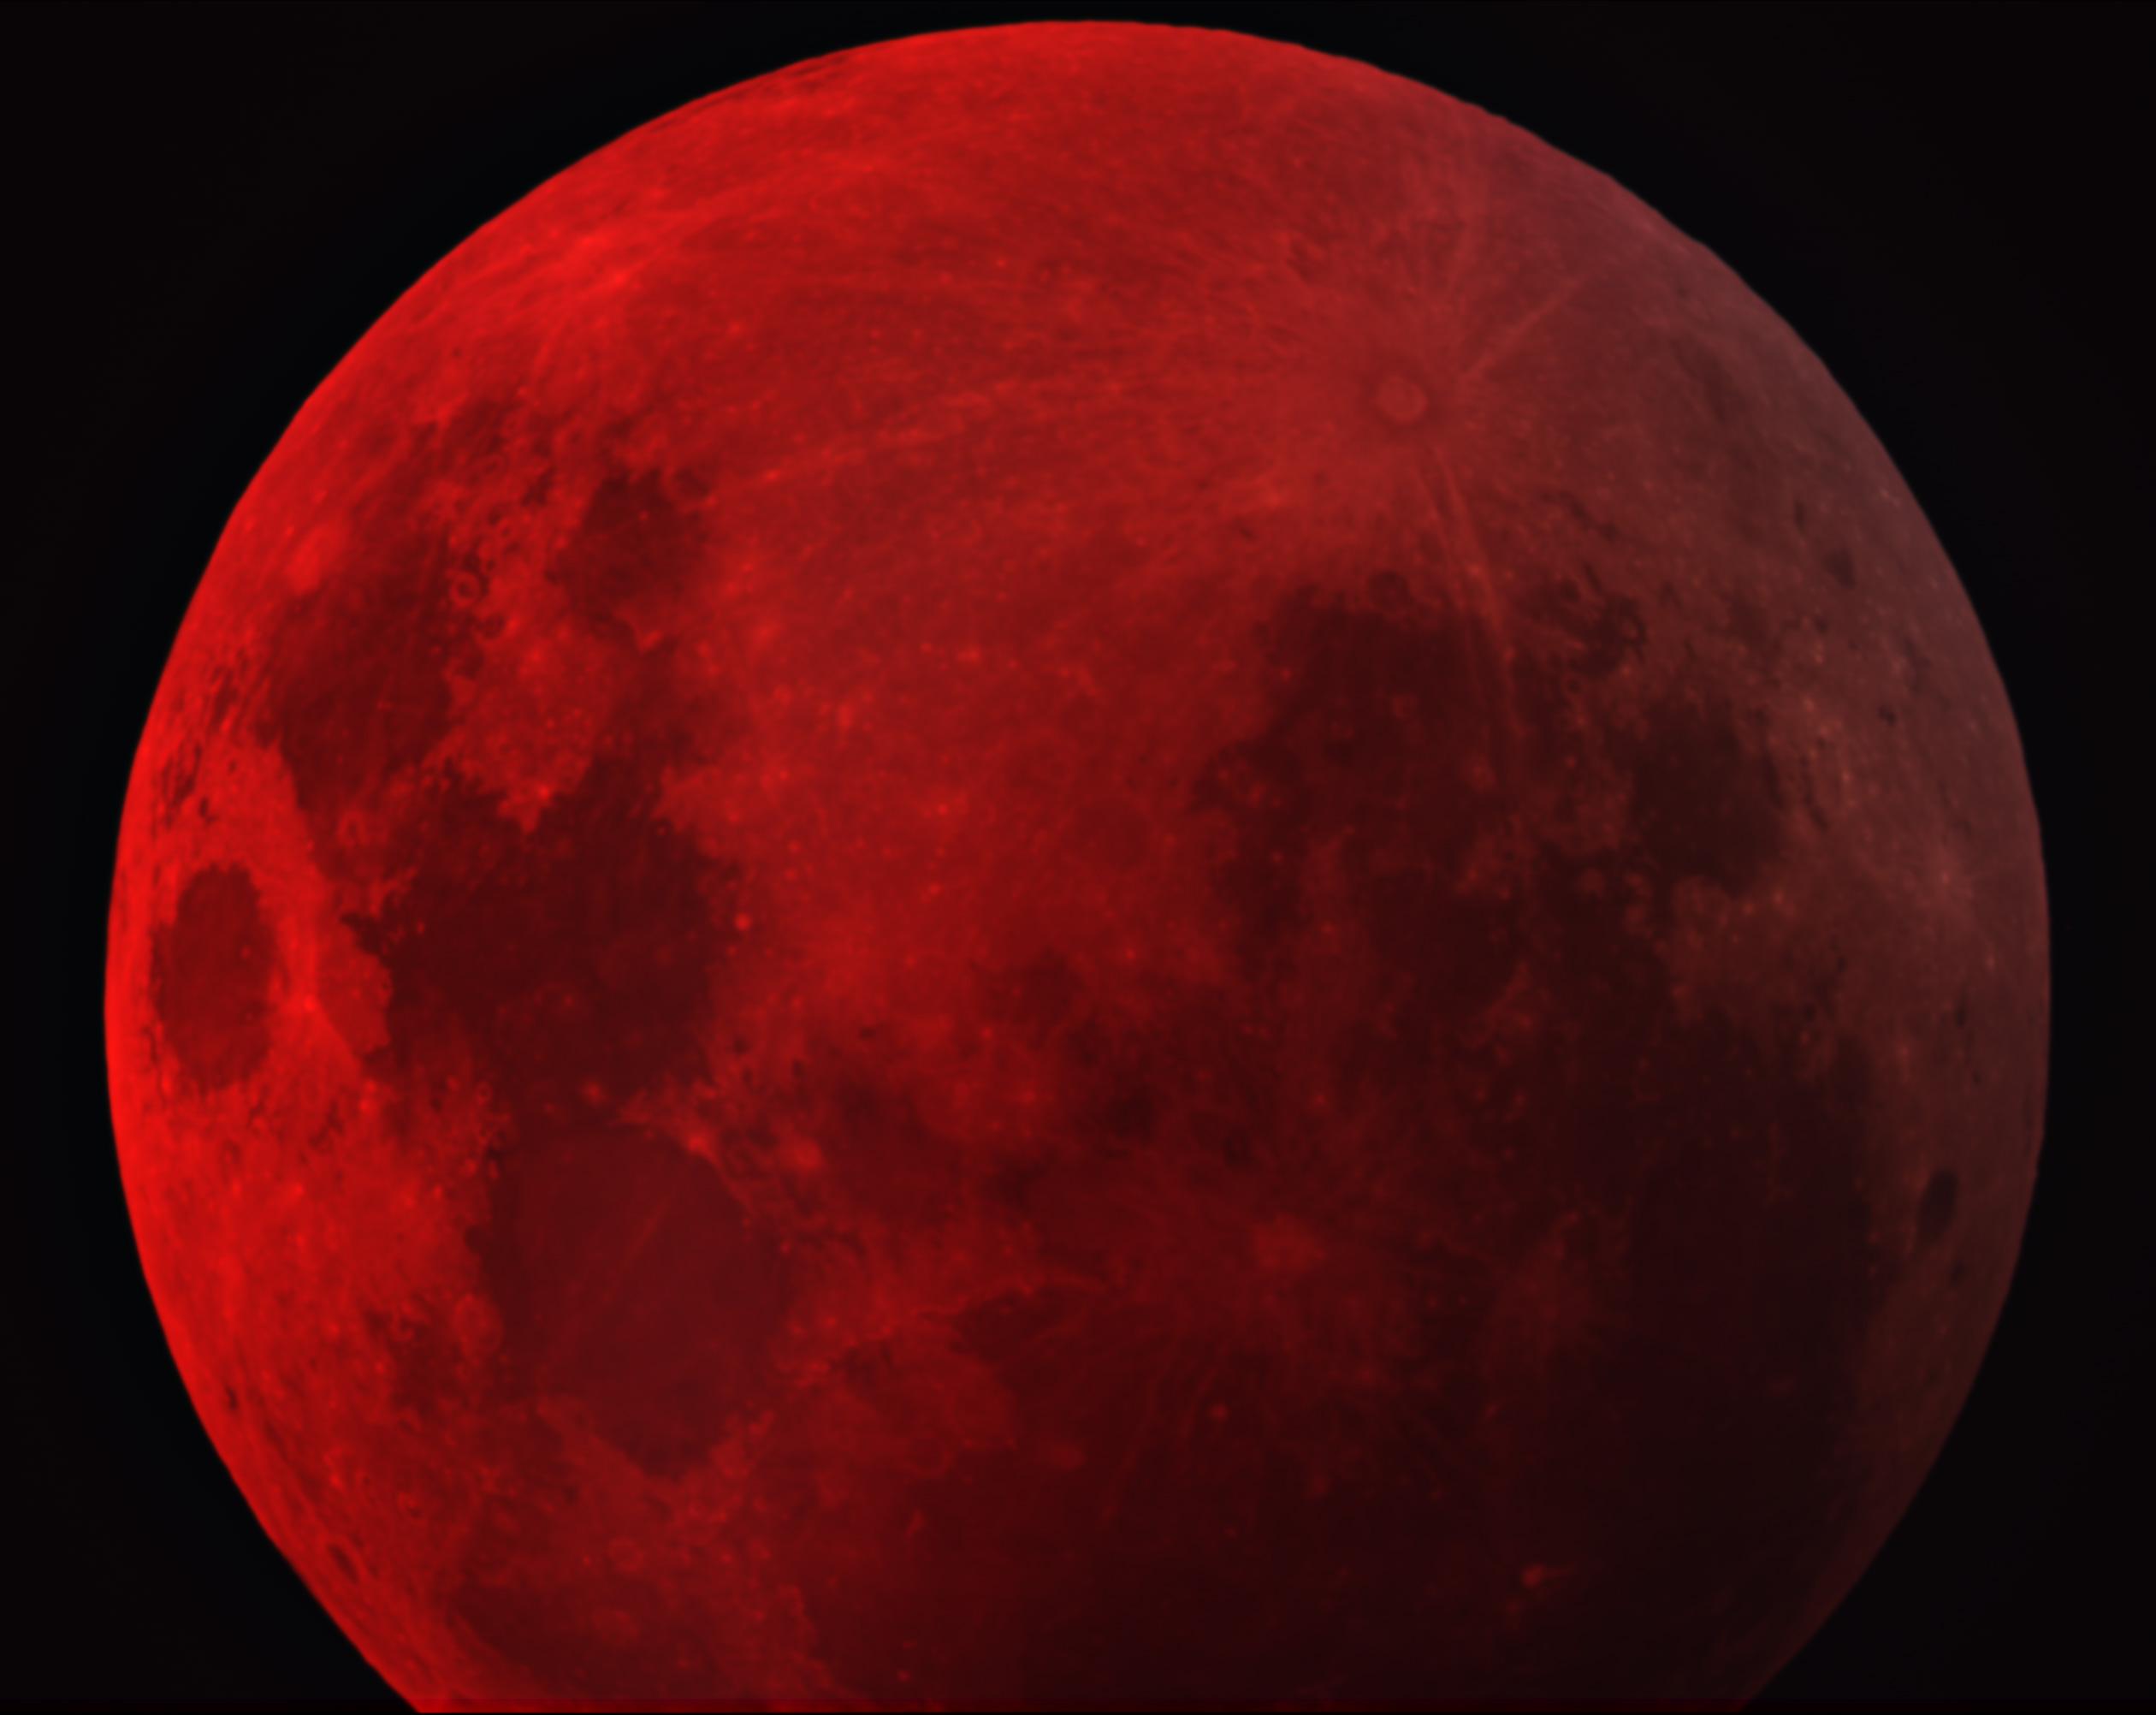 Próximos eclipses lunares de 2011 hasta 2020